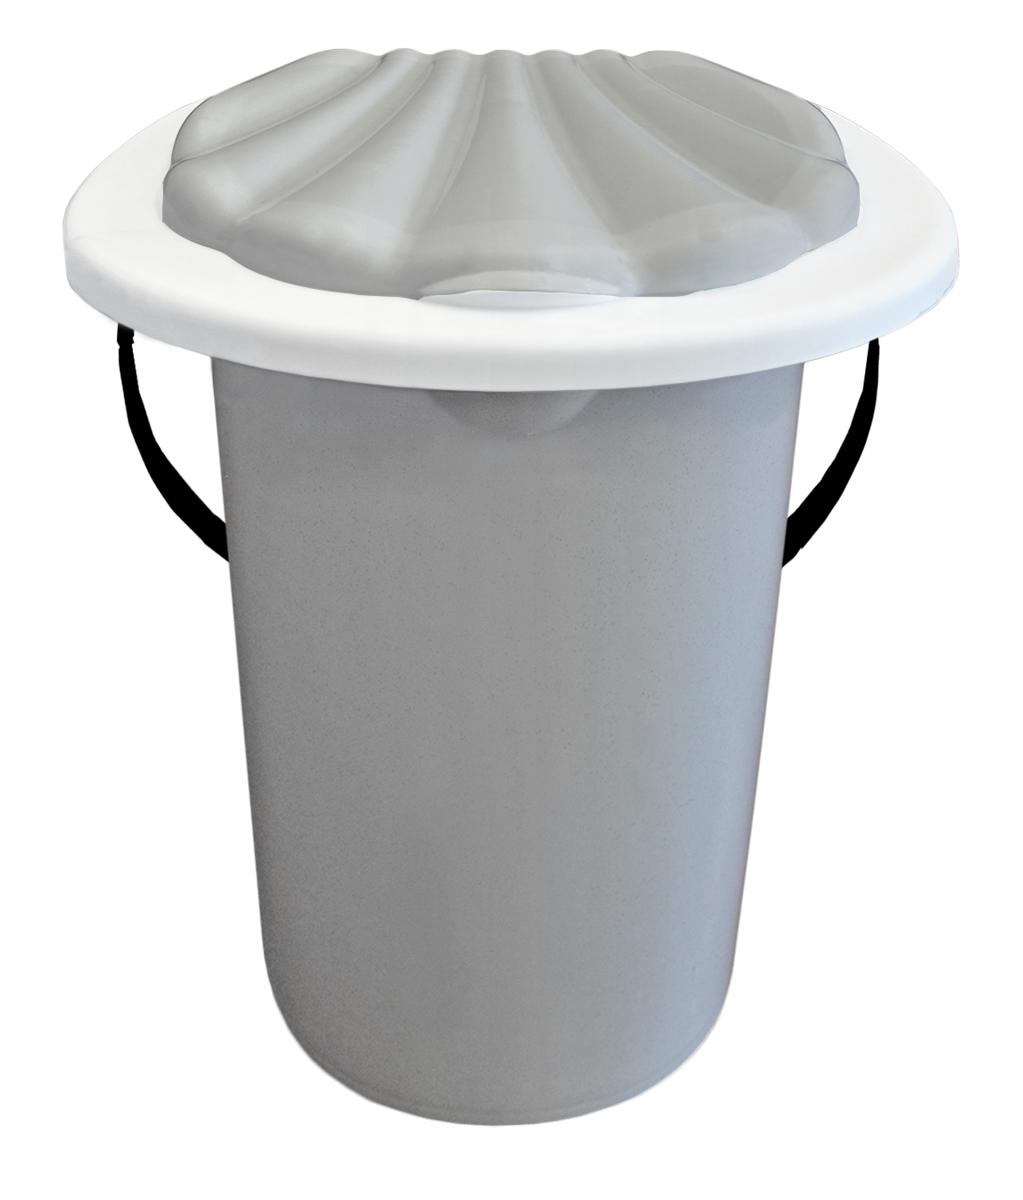 Ведро-туалет InGreen, цвет: мраморный, 20 лING4001МРВедро-туалет InGreen выполнено из пластика. Это незаменимая вещь на даче, а также для пожилых людей и людей с ограниченными возможностями. Устойчивое и высокое ведро удобно в использовании. Ведро-туалет имеет эргономичное съемное сиденье - это позволит легко его мыть и сушить отдельно. Ведро снабжено крышкой, что препятствует распространению неприятных запахов. Прочный пластик выдержит даже людей с большим весом.